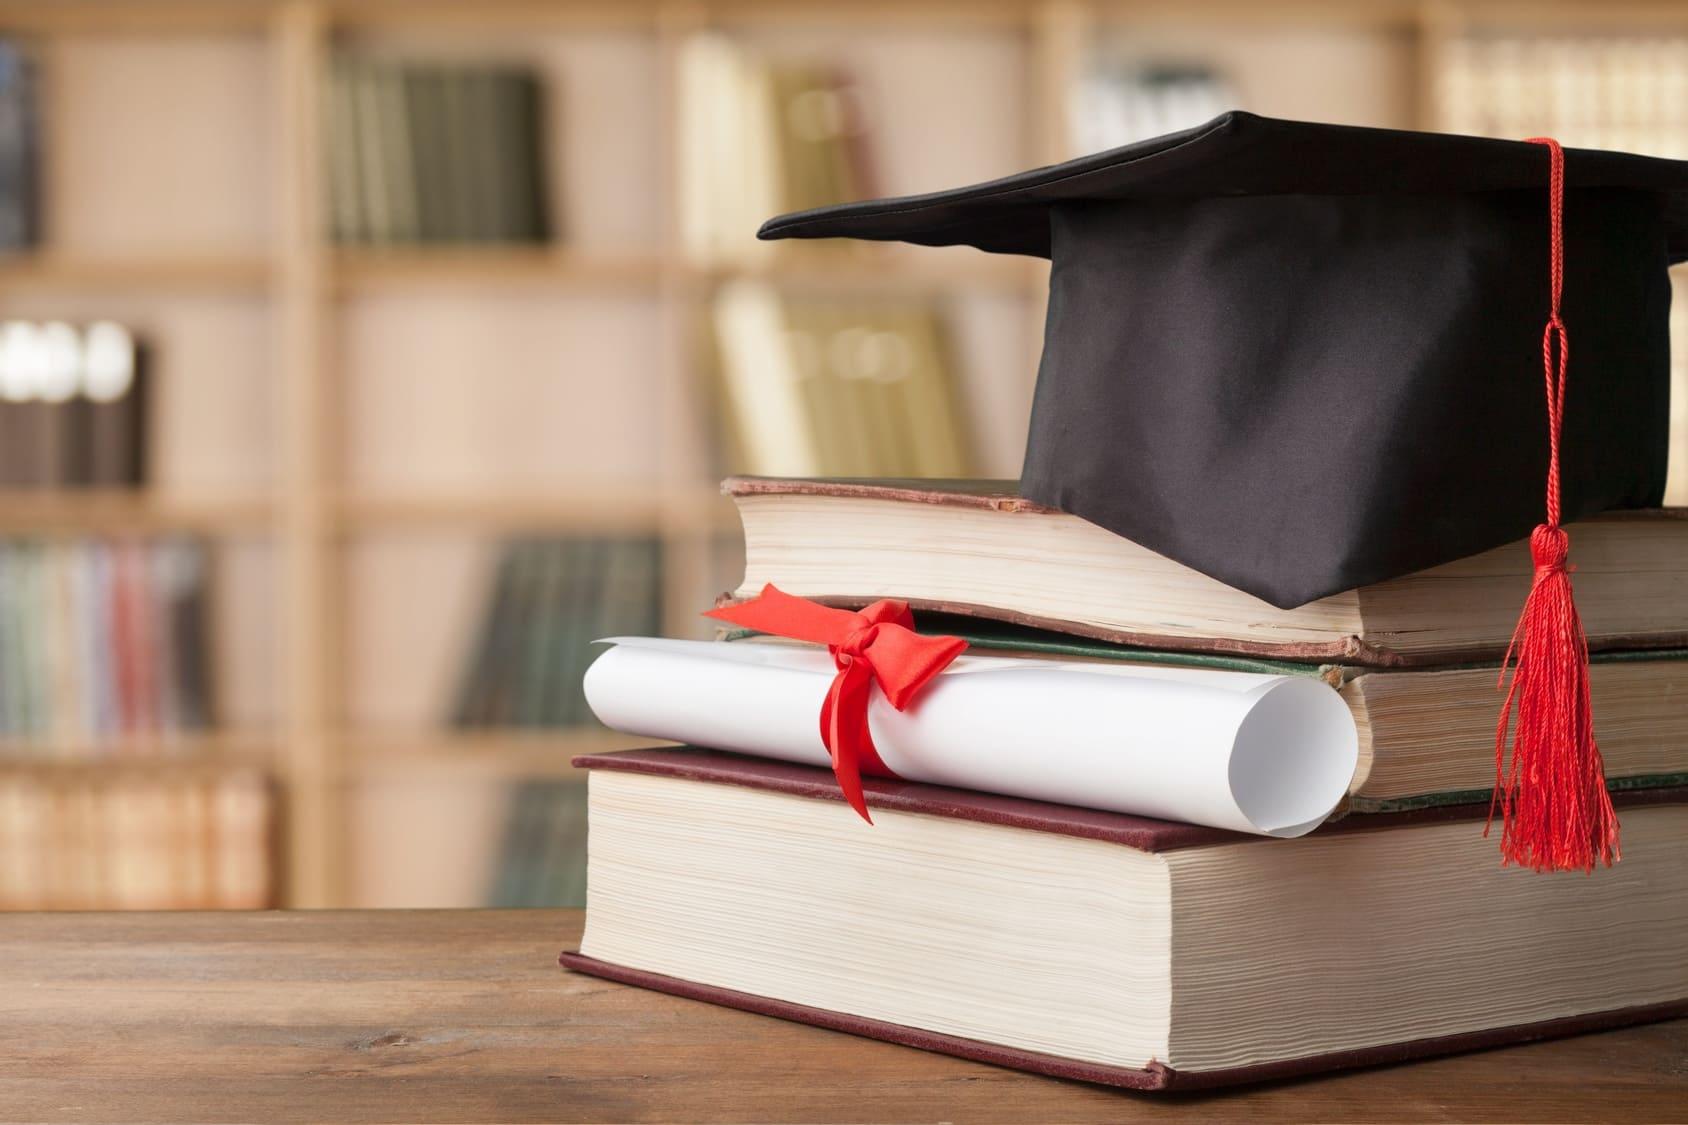 Diploma de Engenharia do Brasil vale em outros países?